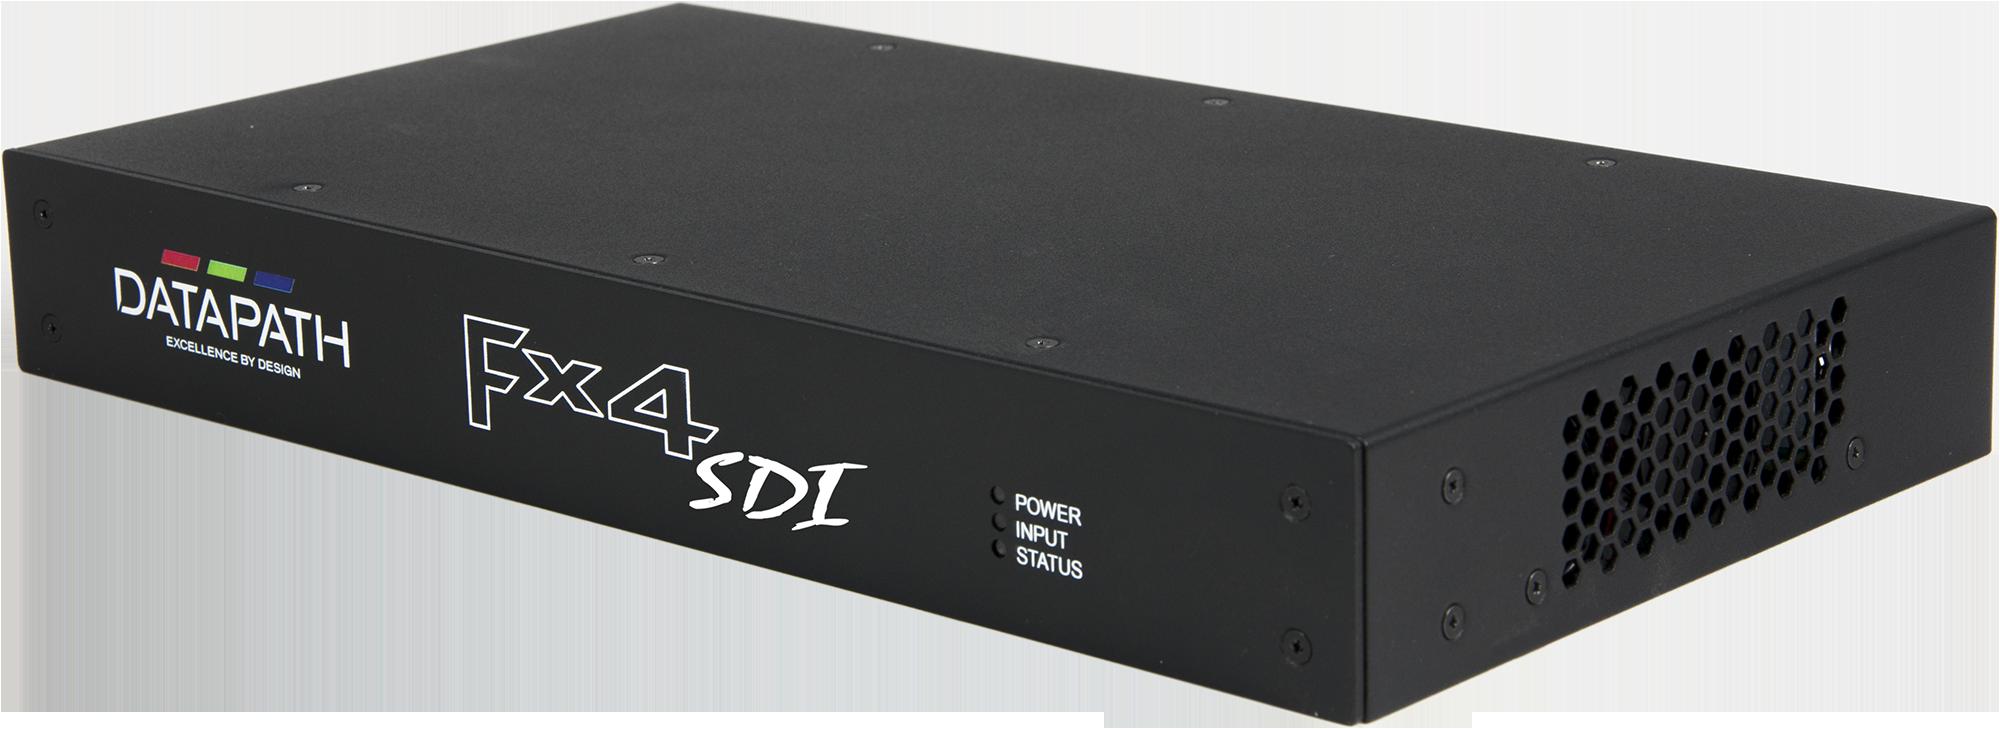 FX4/SDI